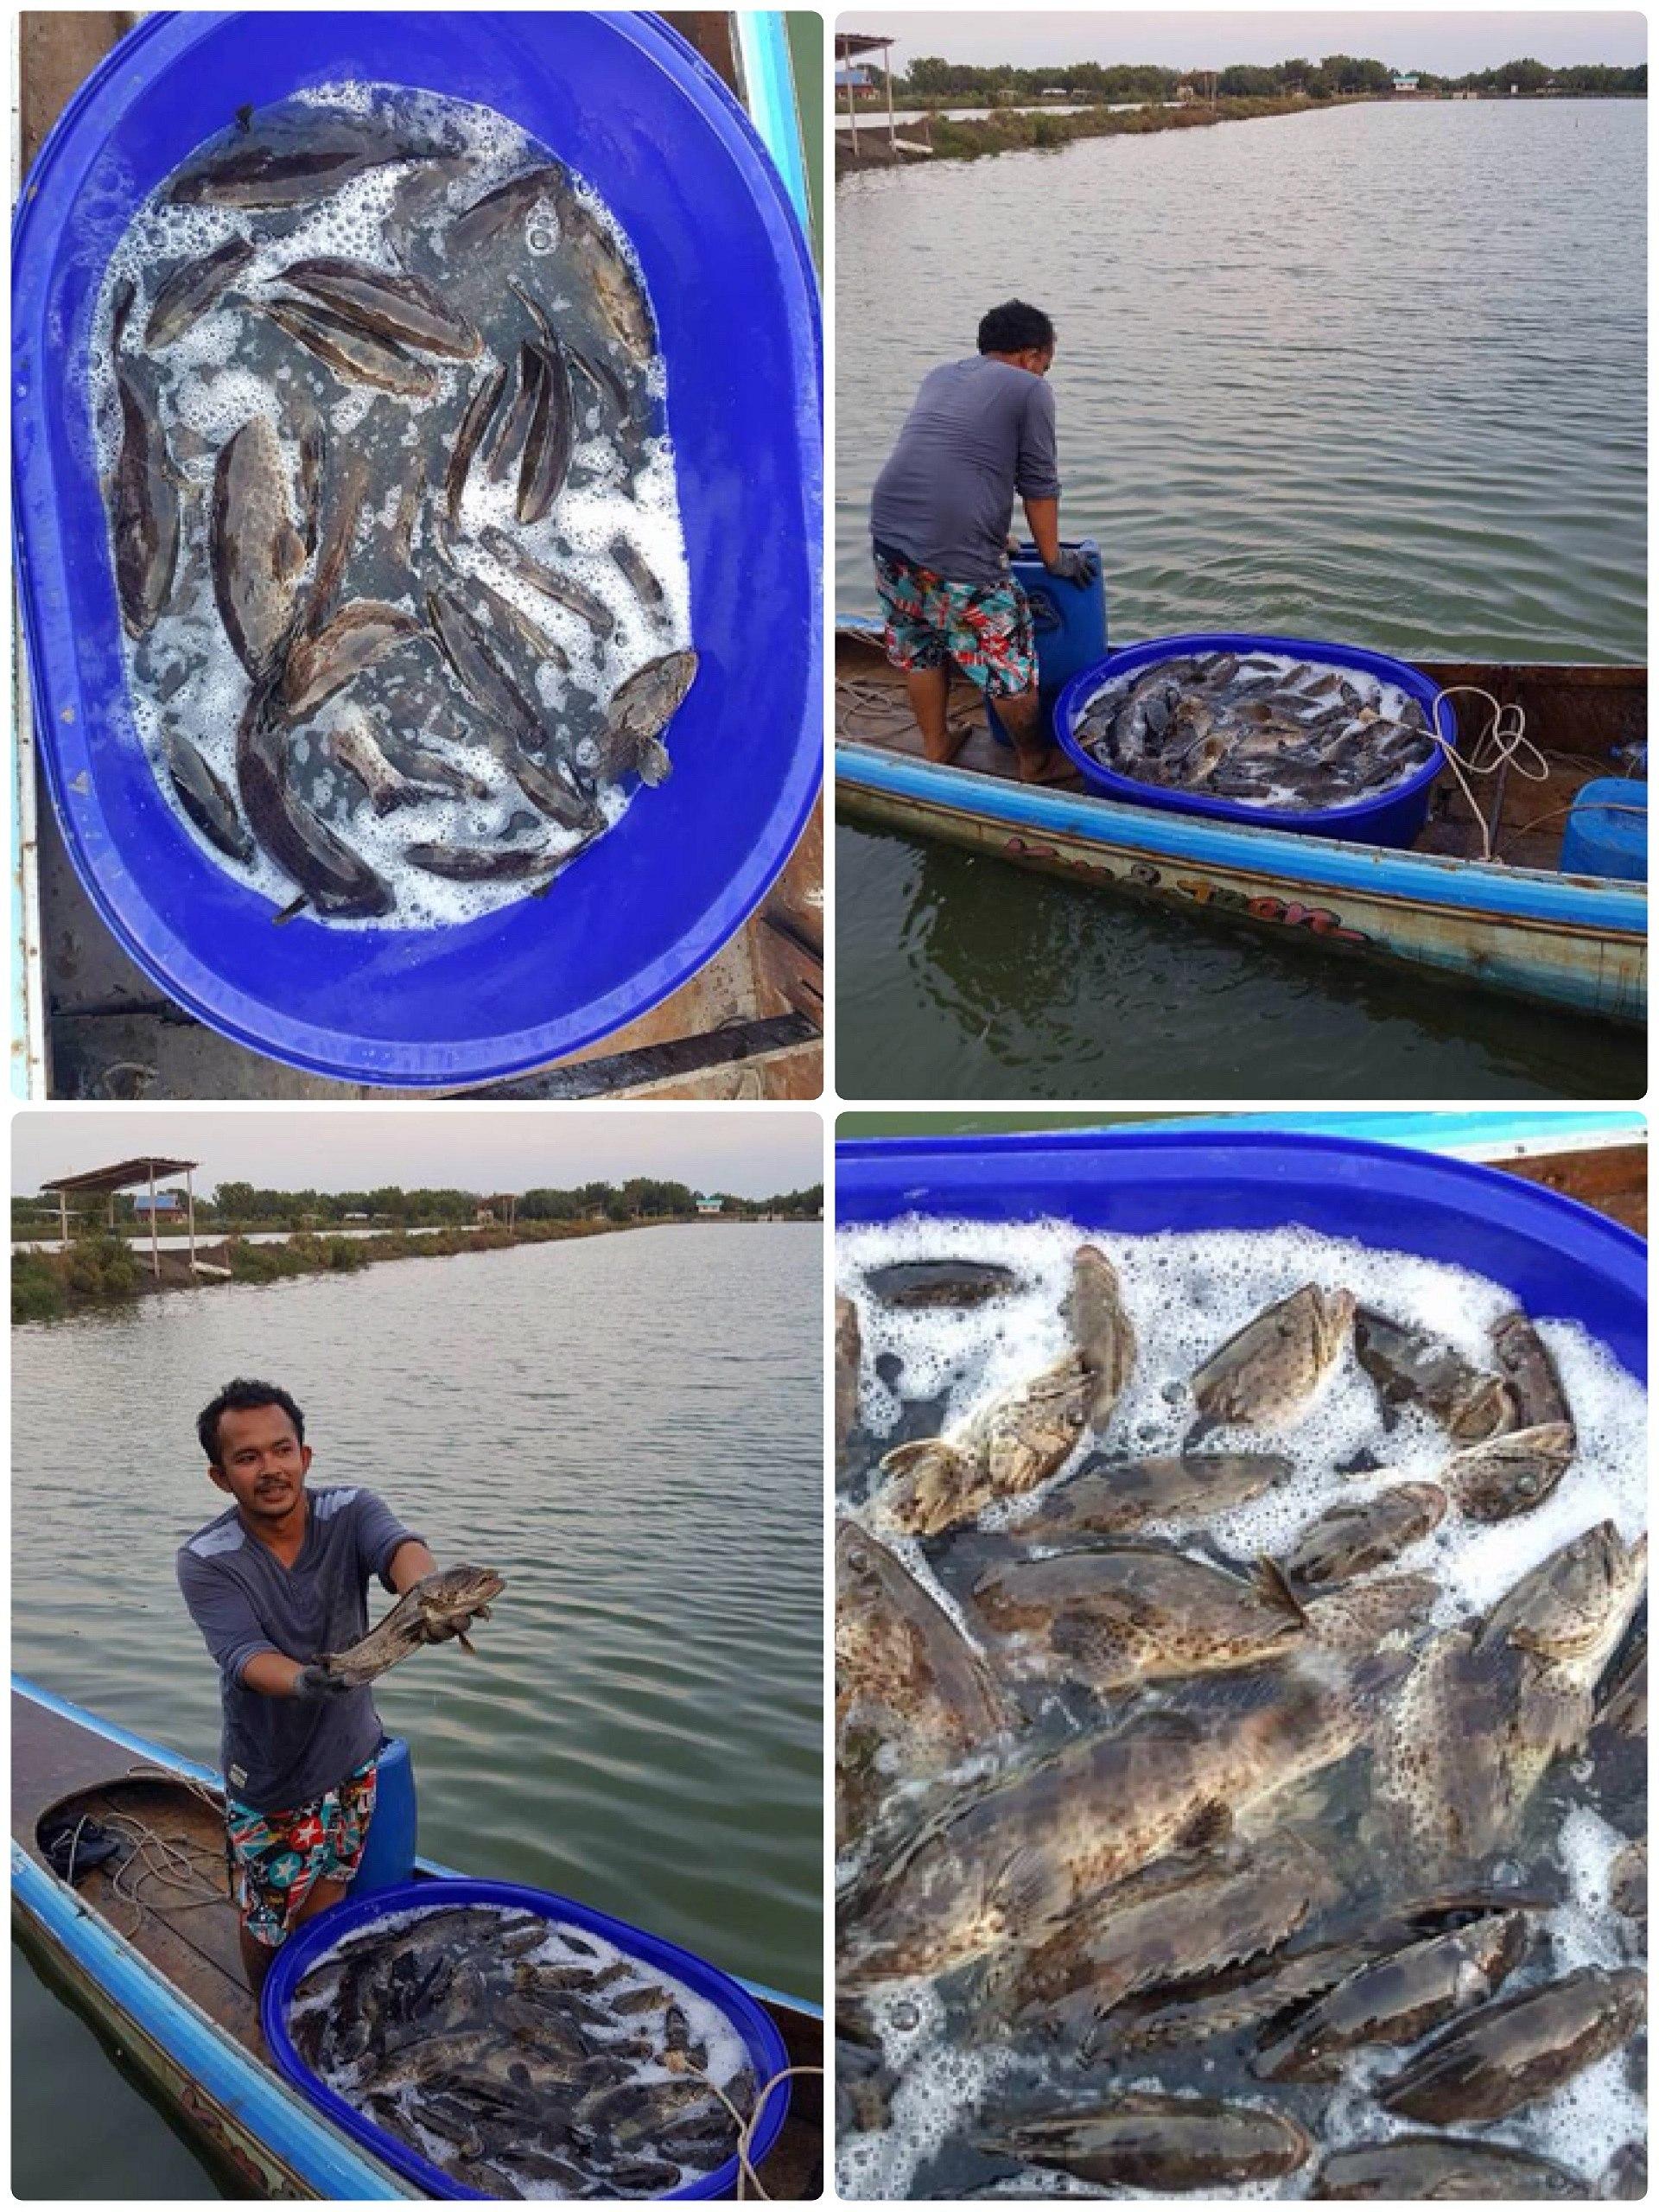 เก๋าบุฟเฟ่ บ่อน้องวิน ลงเก๋า274ตัว เล้กแต่เย่อะ ปลาค้างบ่อใหญ่ๆ ร้อยบวก